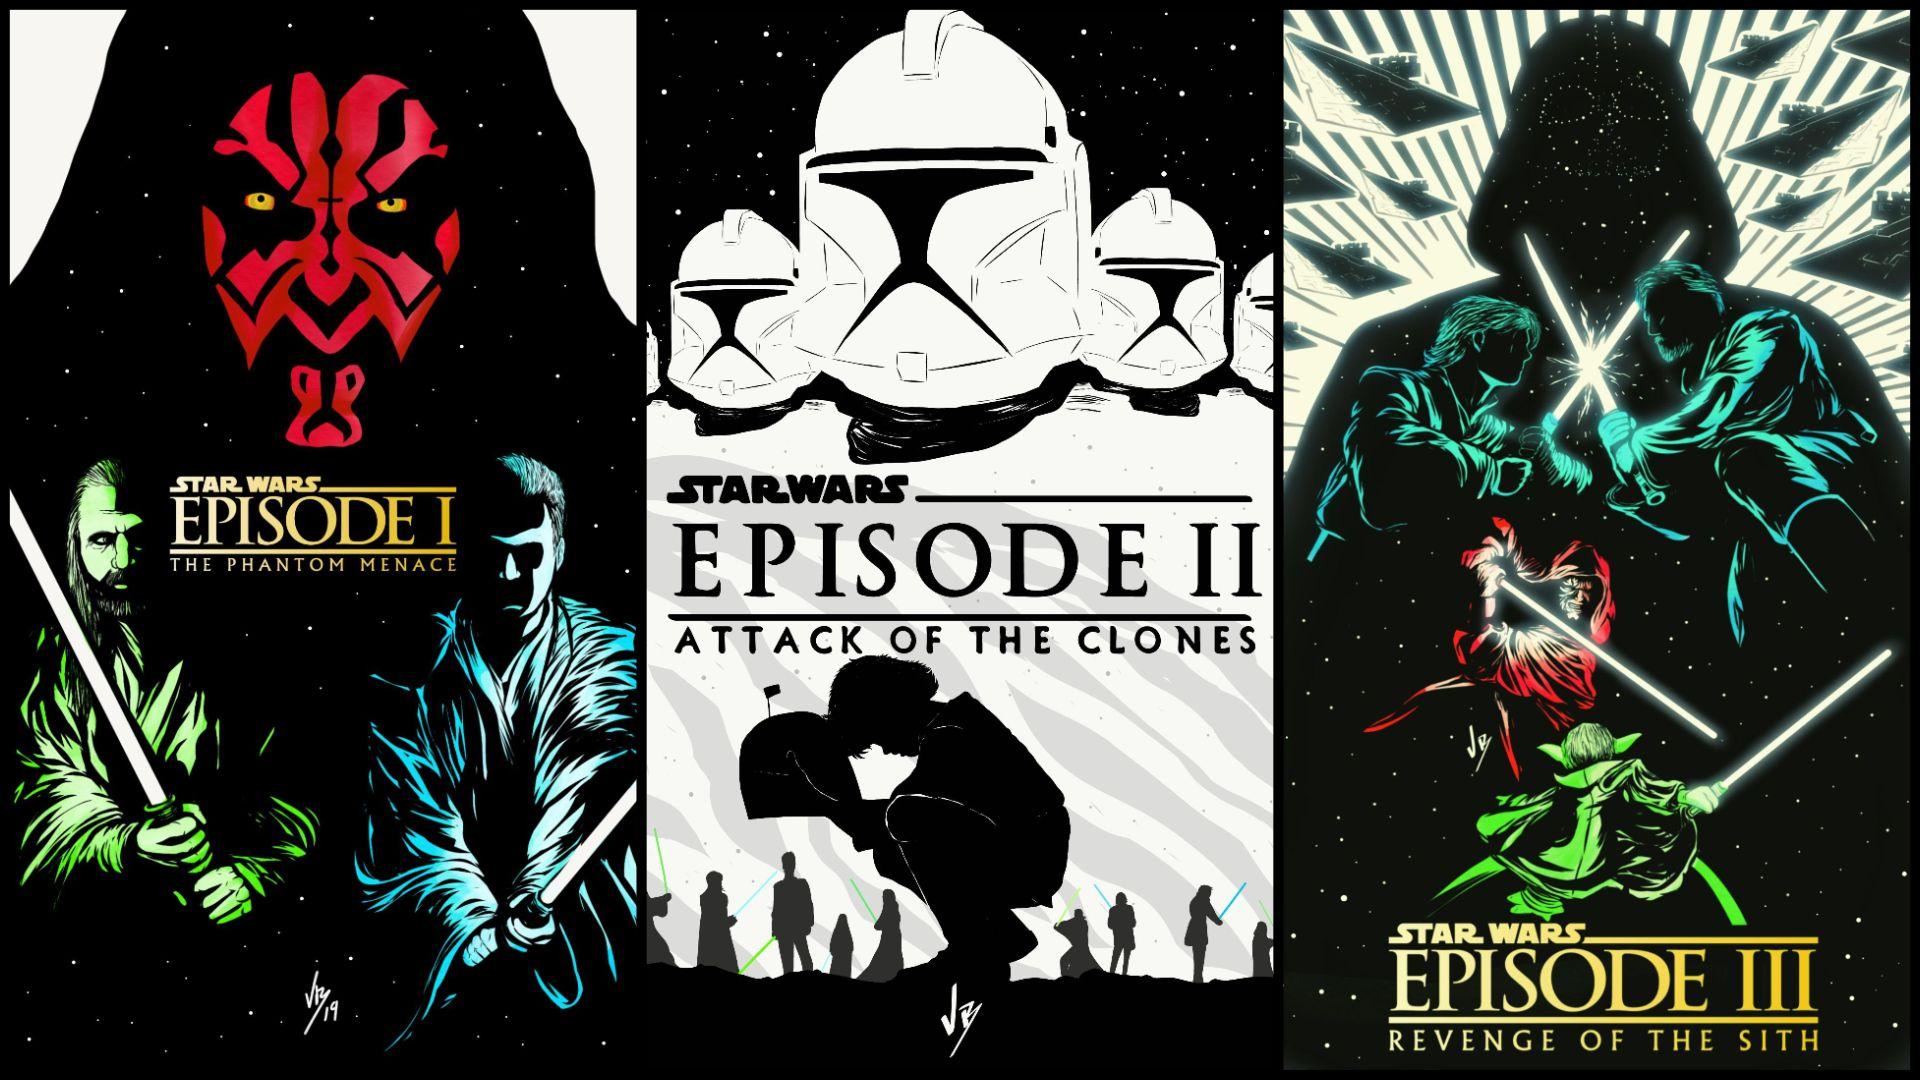 19201080 Star Wars Prequel Trilogy Art By Vicbwolf In 2020 Star Wars Active Wallpaper Star Wars Episodes